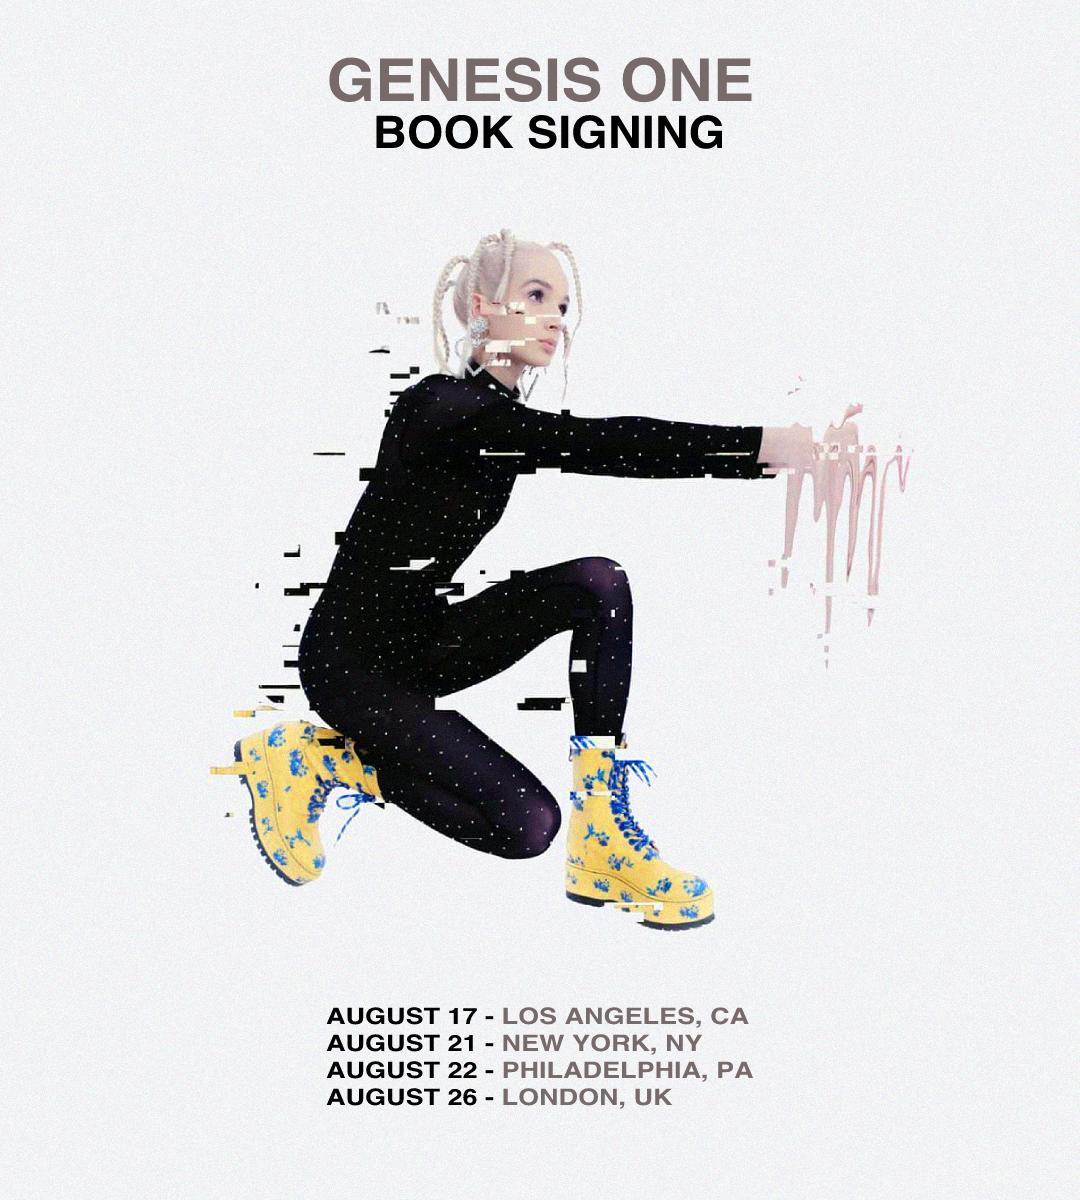 Genesis 1 Book Signing Tour